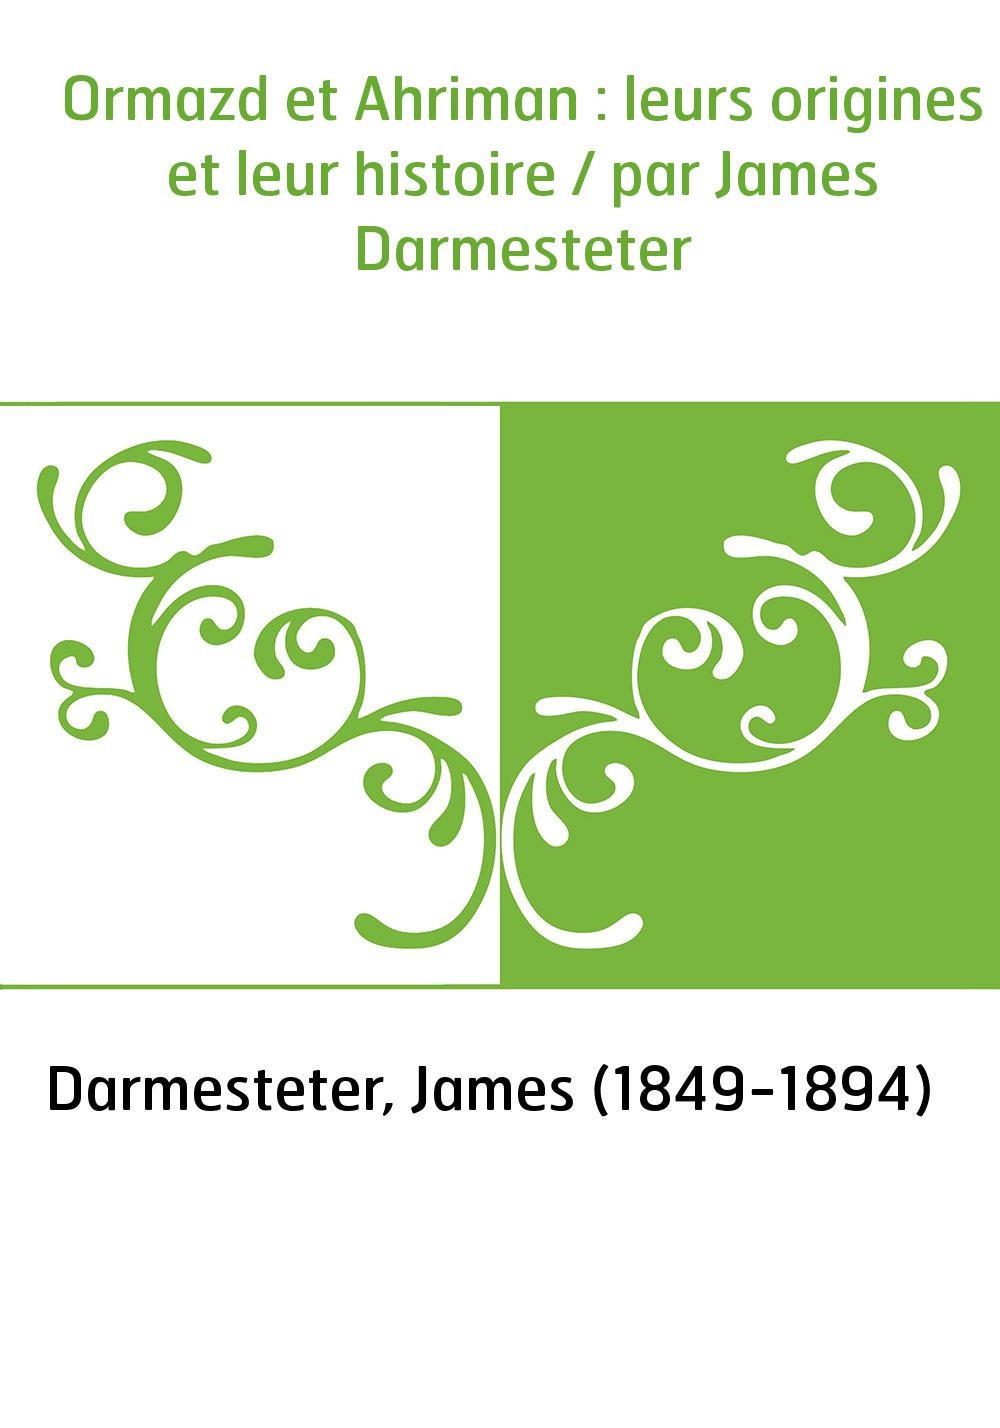 Ormazd et Ahriman : leurs origines et leur histoire / par James Darmesteter